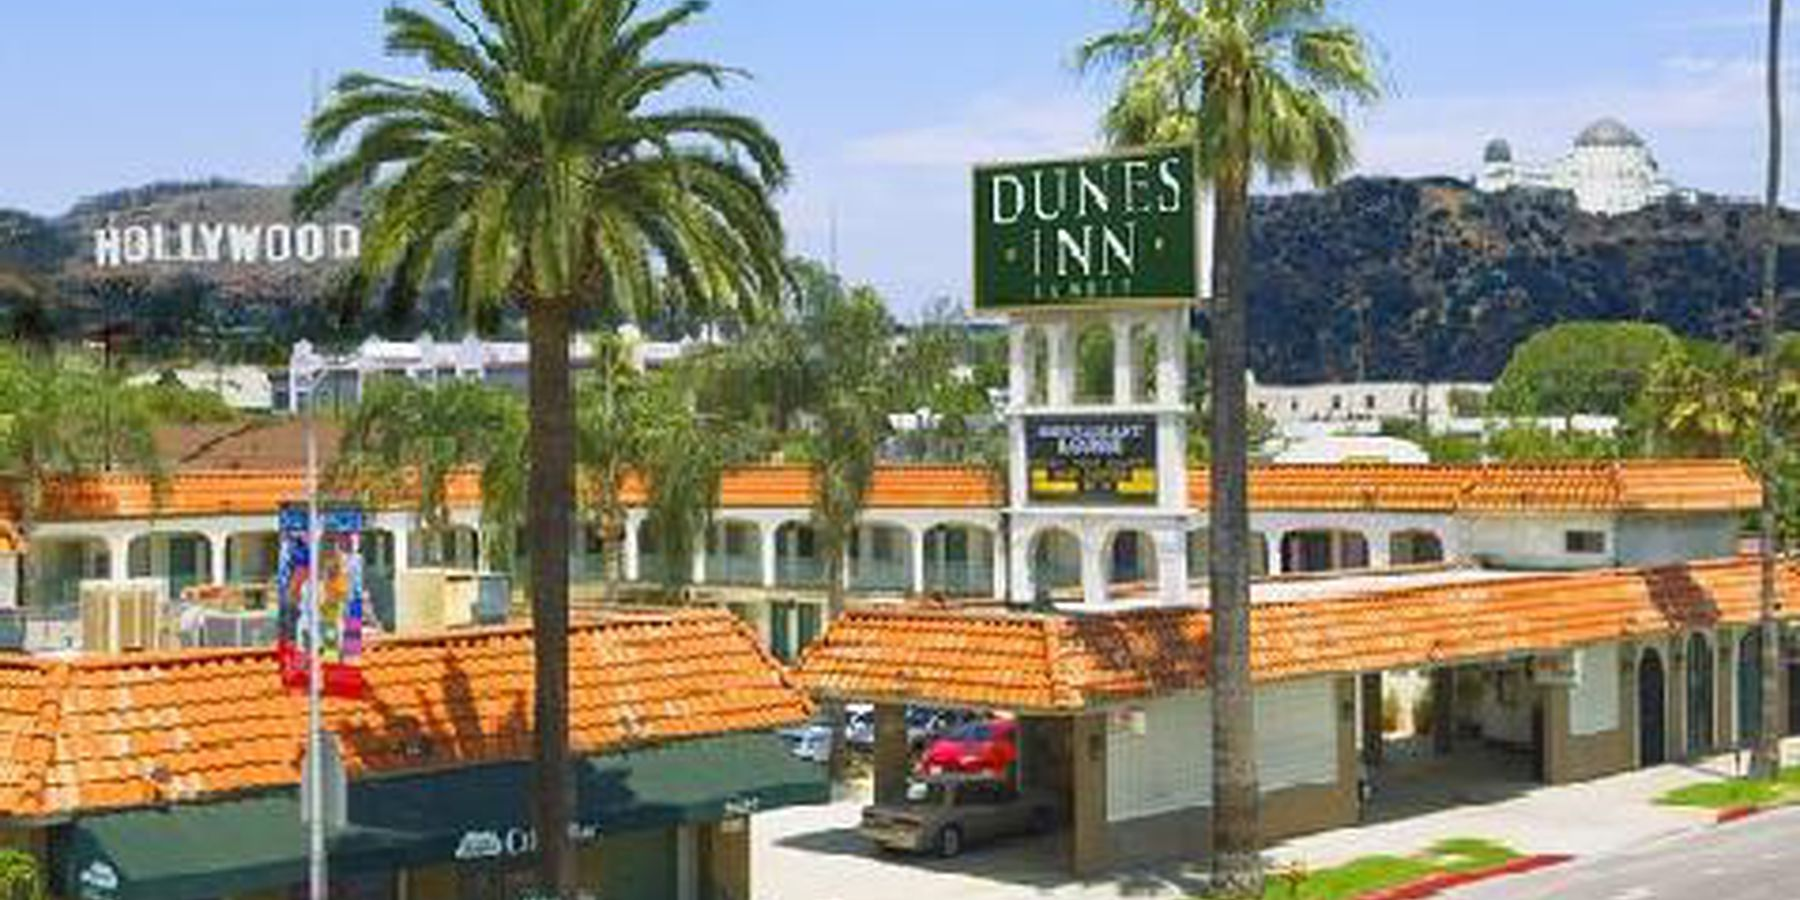 Dunes Inn Sunset - exterior2